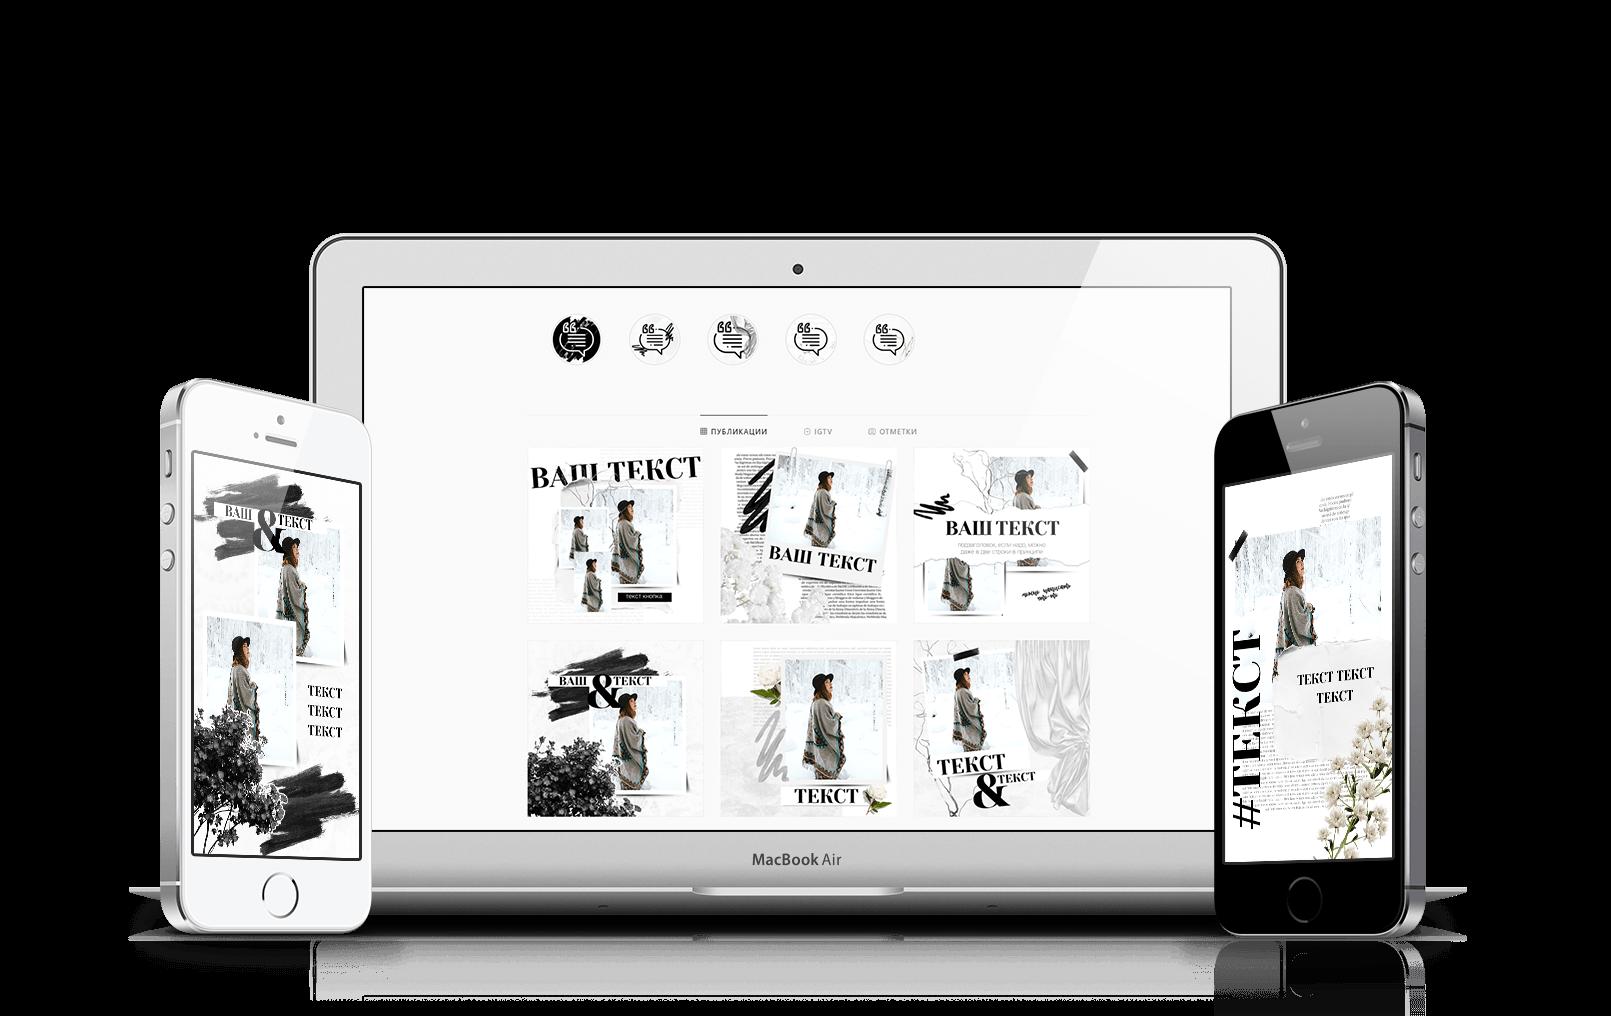 Шаблон для Инстаграм Фэшн - посты, сторис и иконки - Русабилити